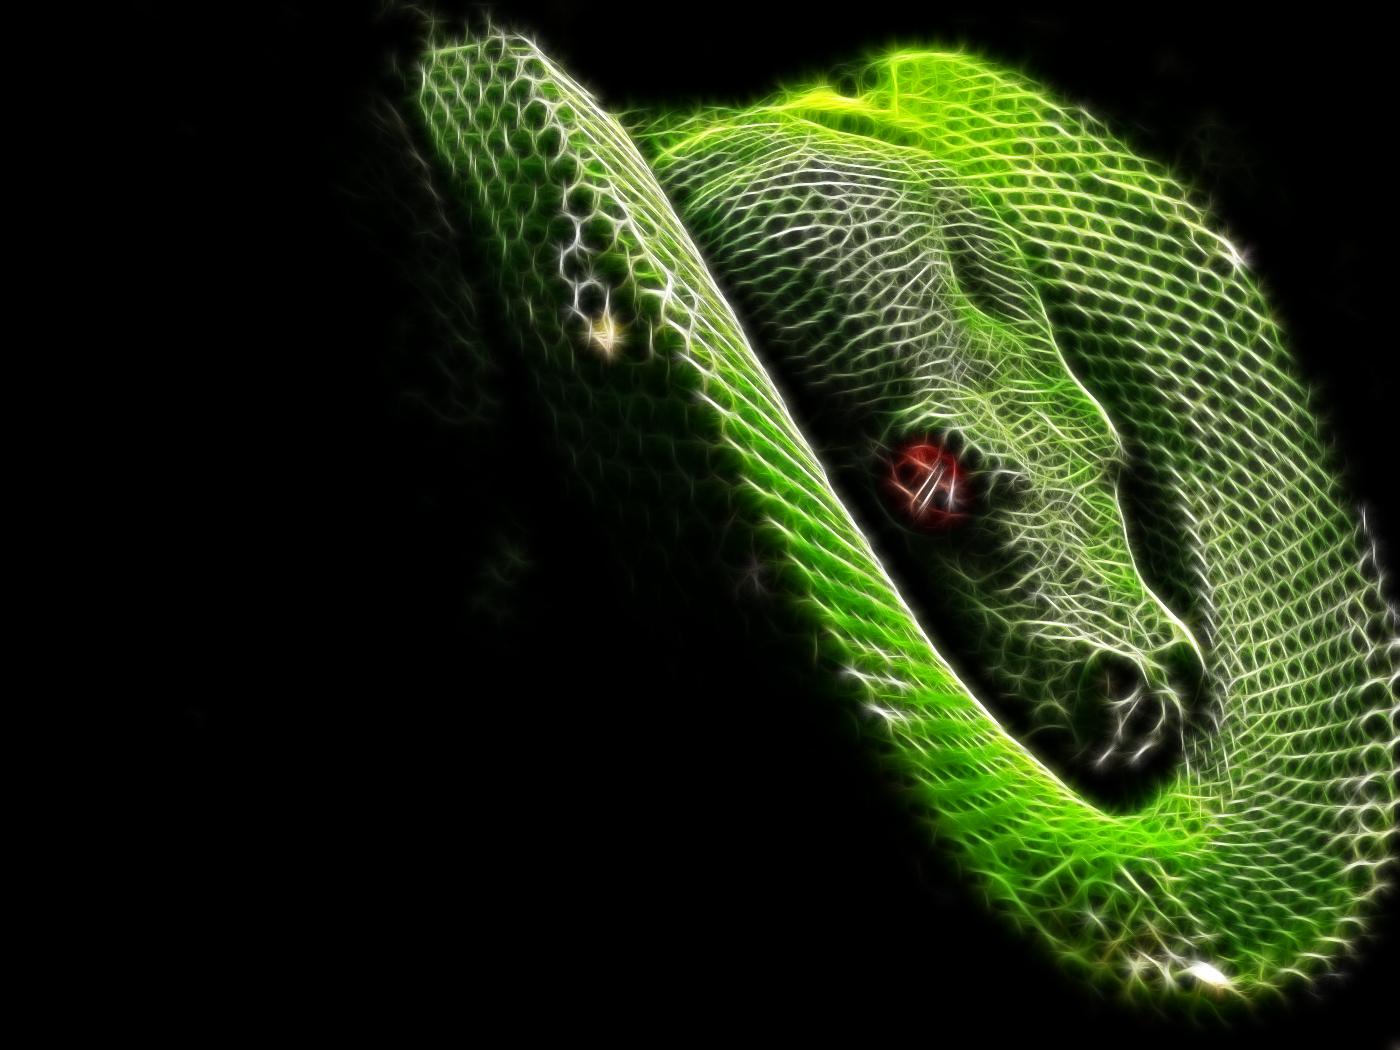 Hd Wallpaper Of Black Snake: Moving Snake Wallpaper